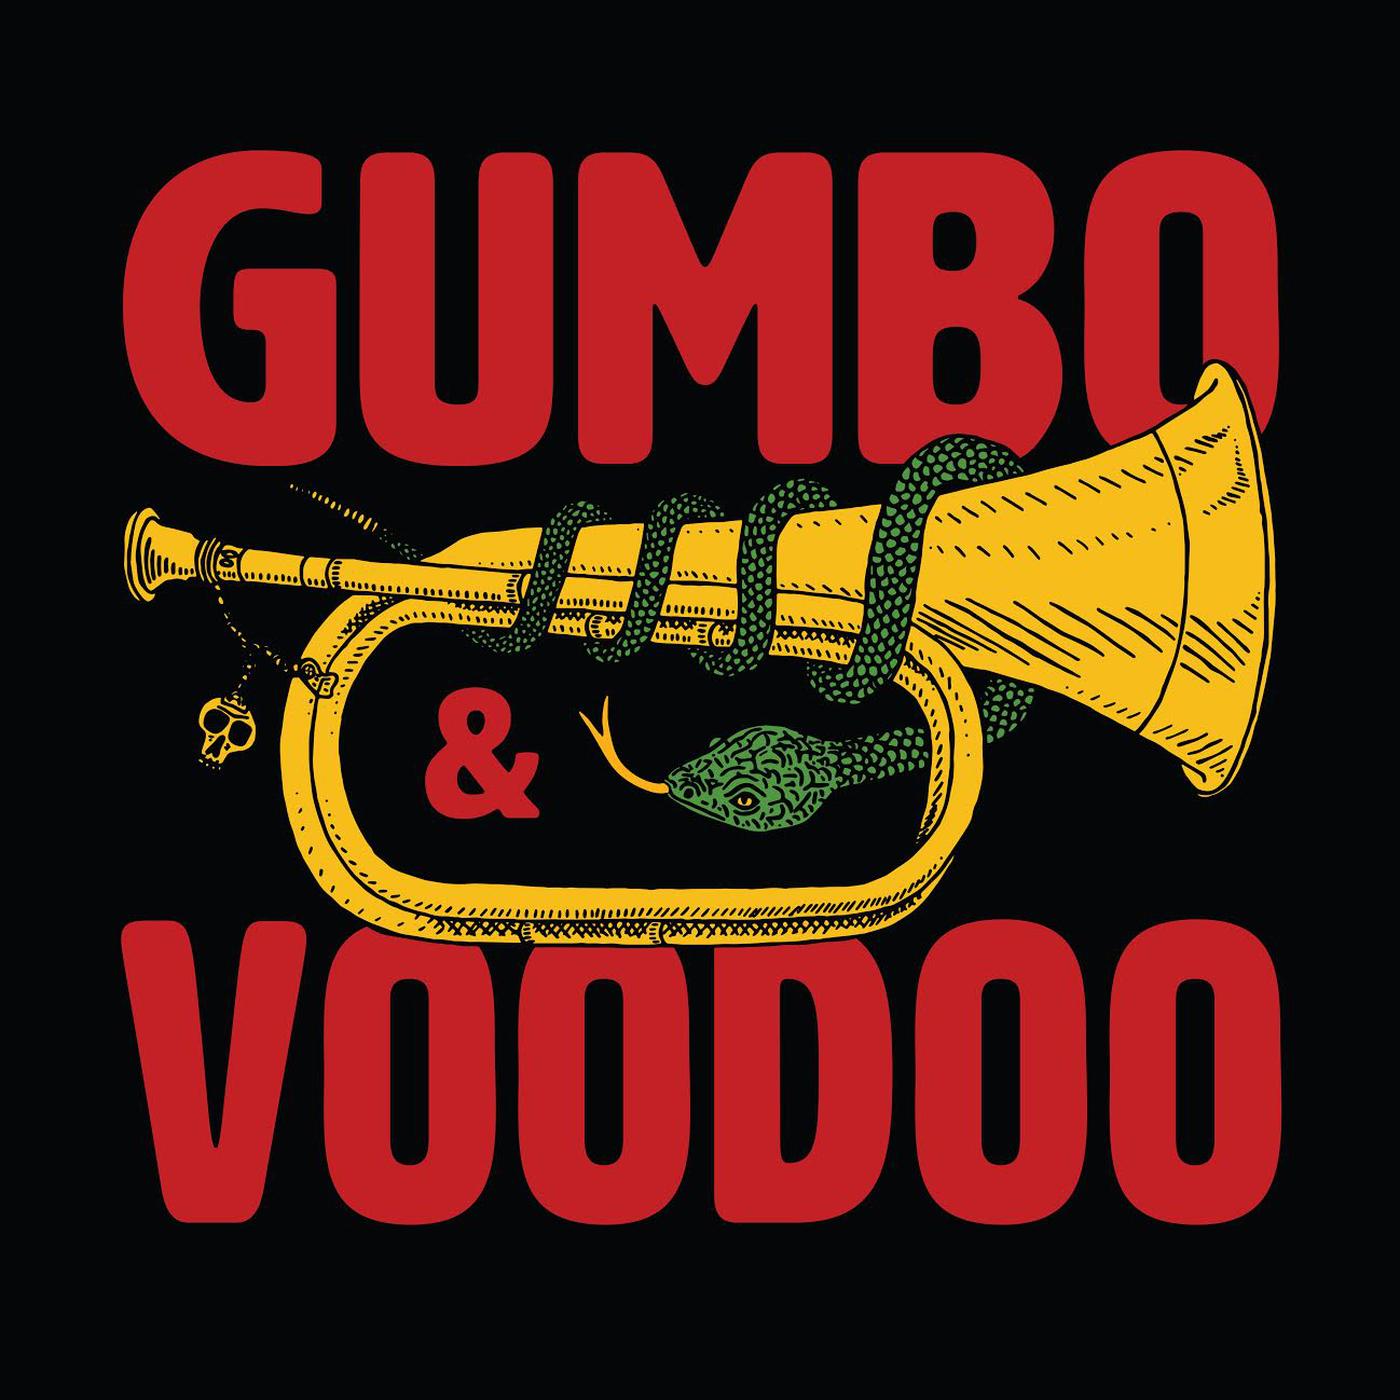 Gumbo & Voodoo